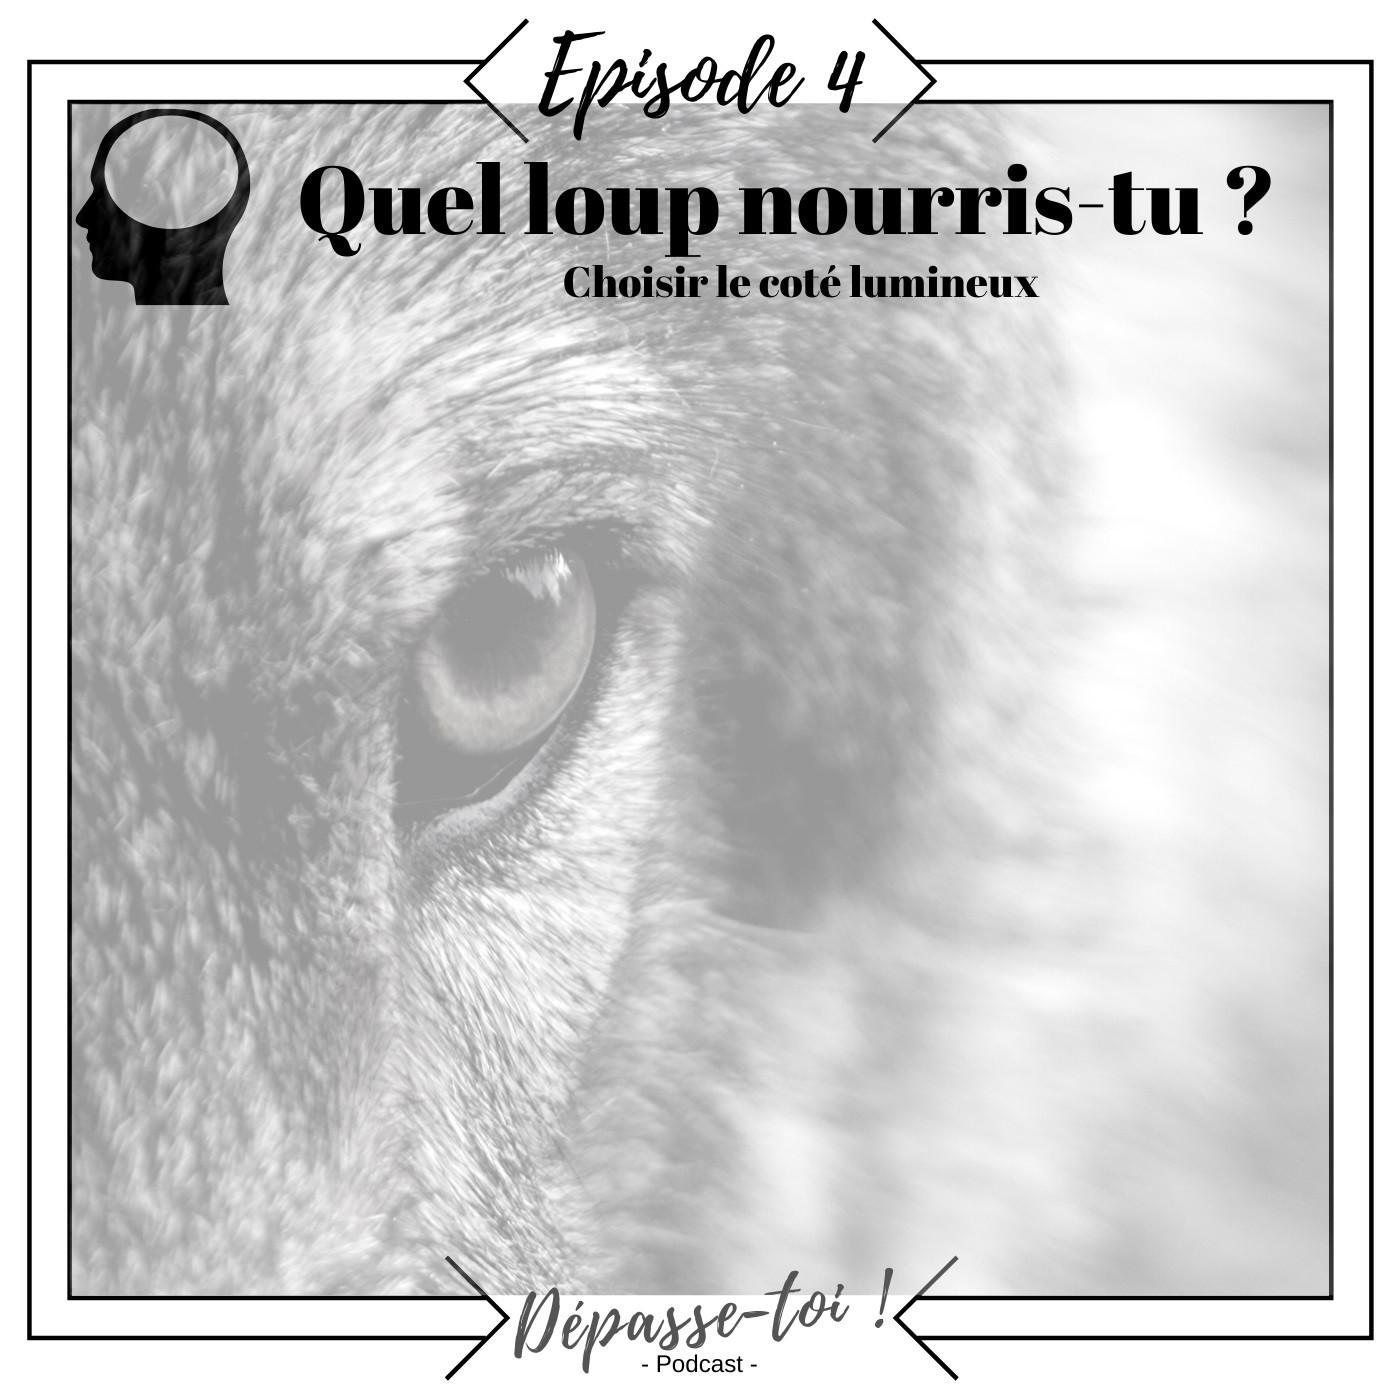 #4 - Quel loup nourris-tu ? Comment affaiblir ton coté obscur ?